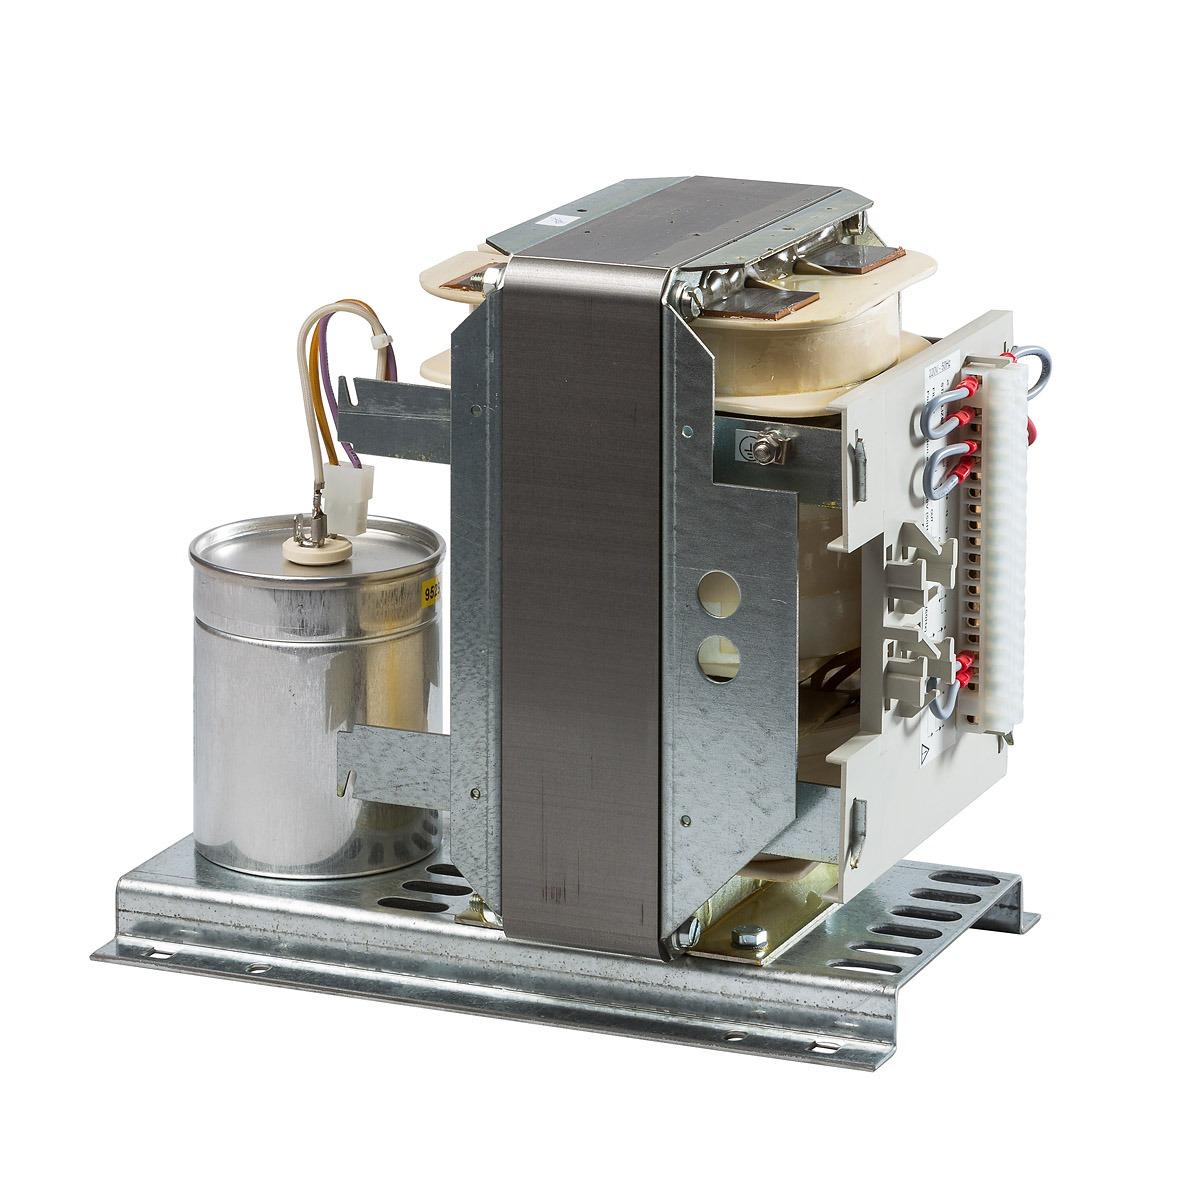 9415 014 22101 (PE1422/10) - Line Conditioner 230V/230V-400VA